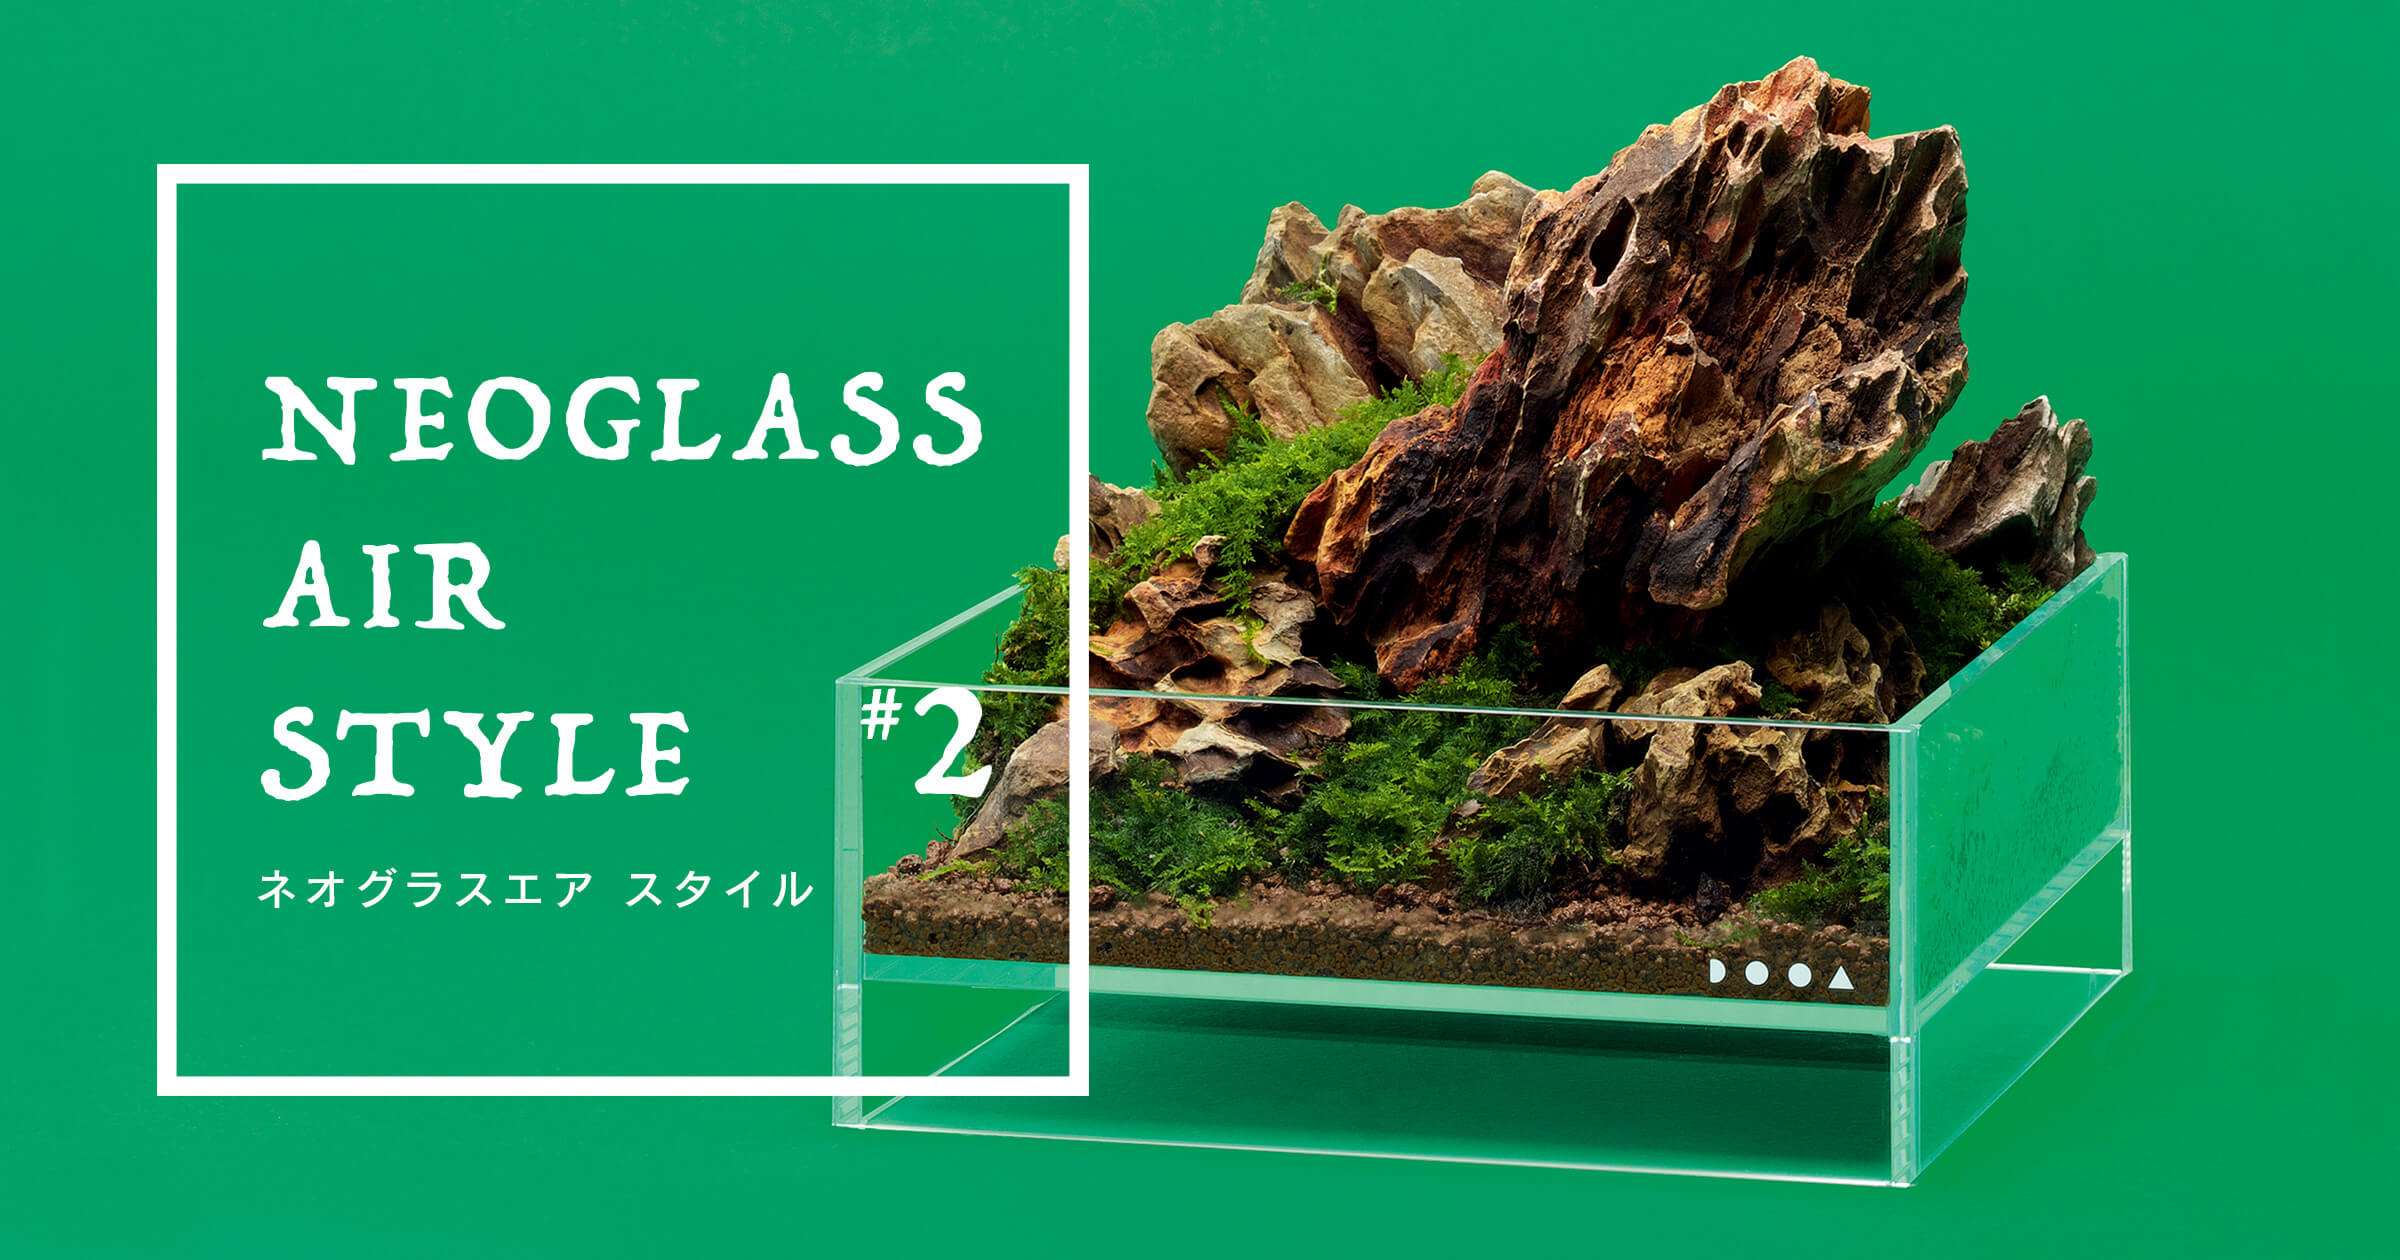 ネオグラスエア スタイル #02「気軽に楽しめる小さな石組」